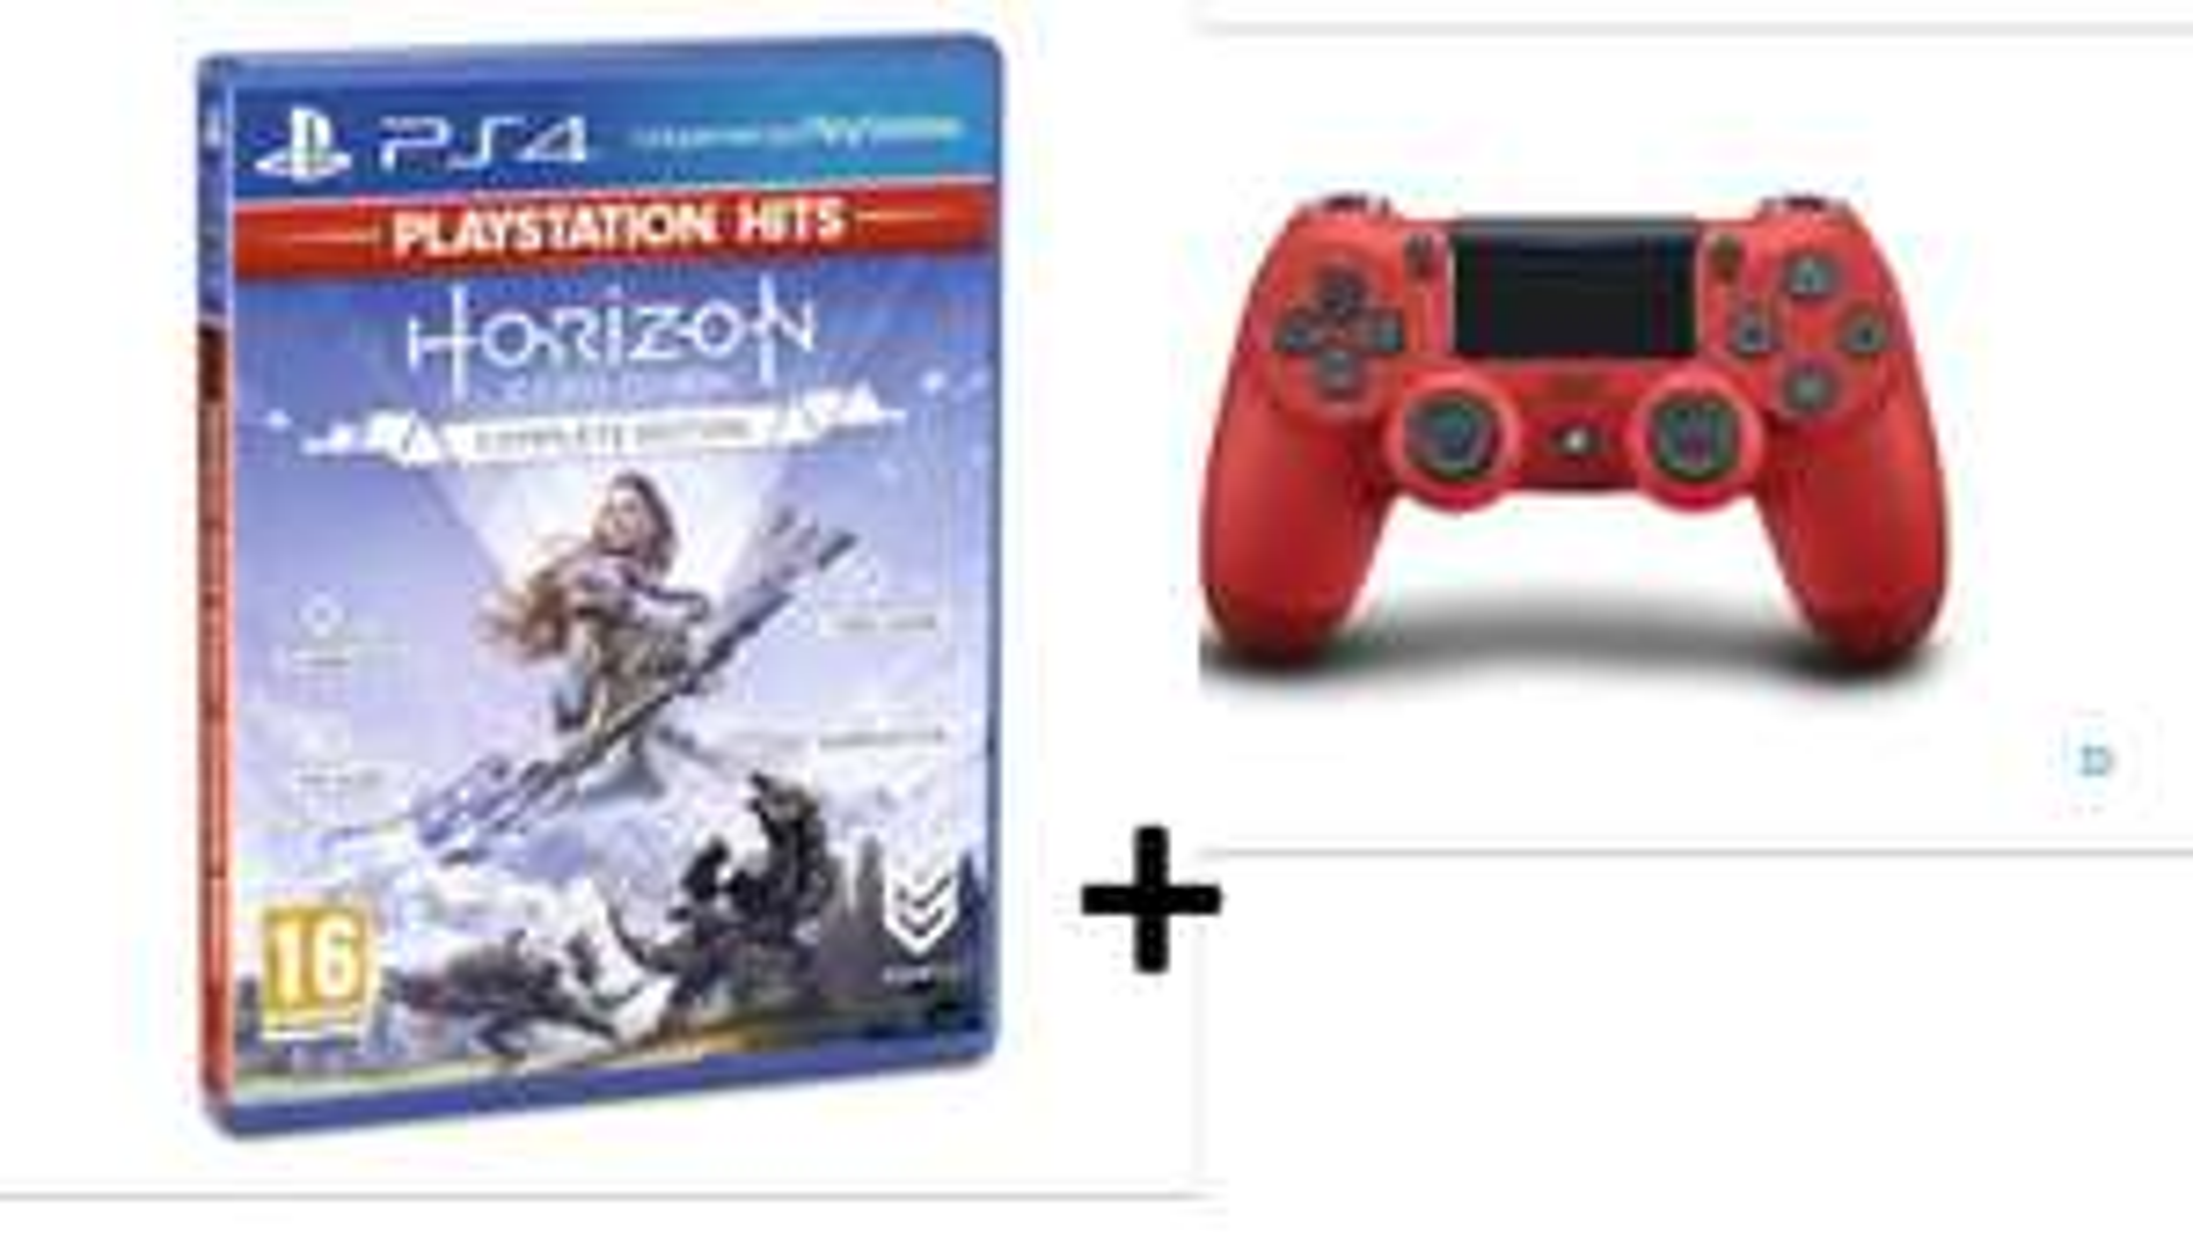 Sélection de packs manette PS4 + jeu en promotion - Ex : Manette PS4 Sony Dual Shock 4.0 V2 Rouge + Horizon : Zero Dawn Complete Edition